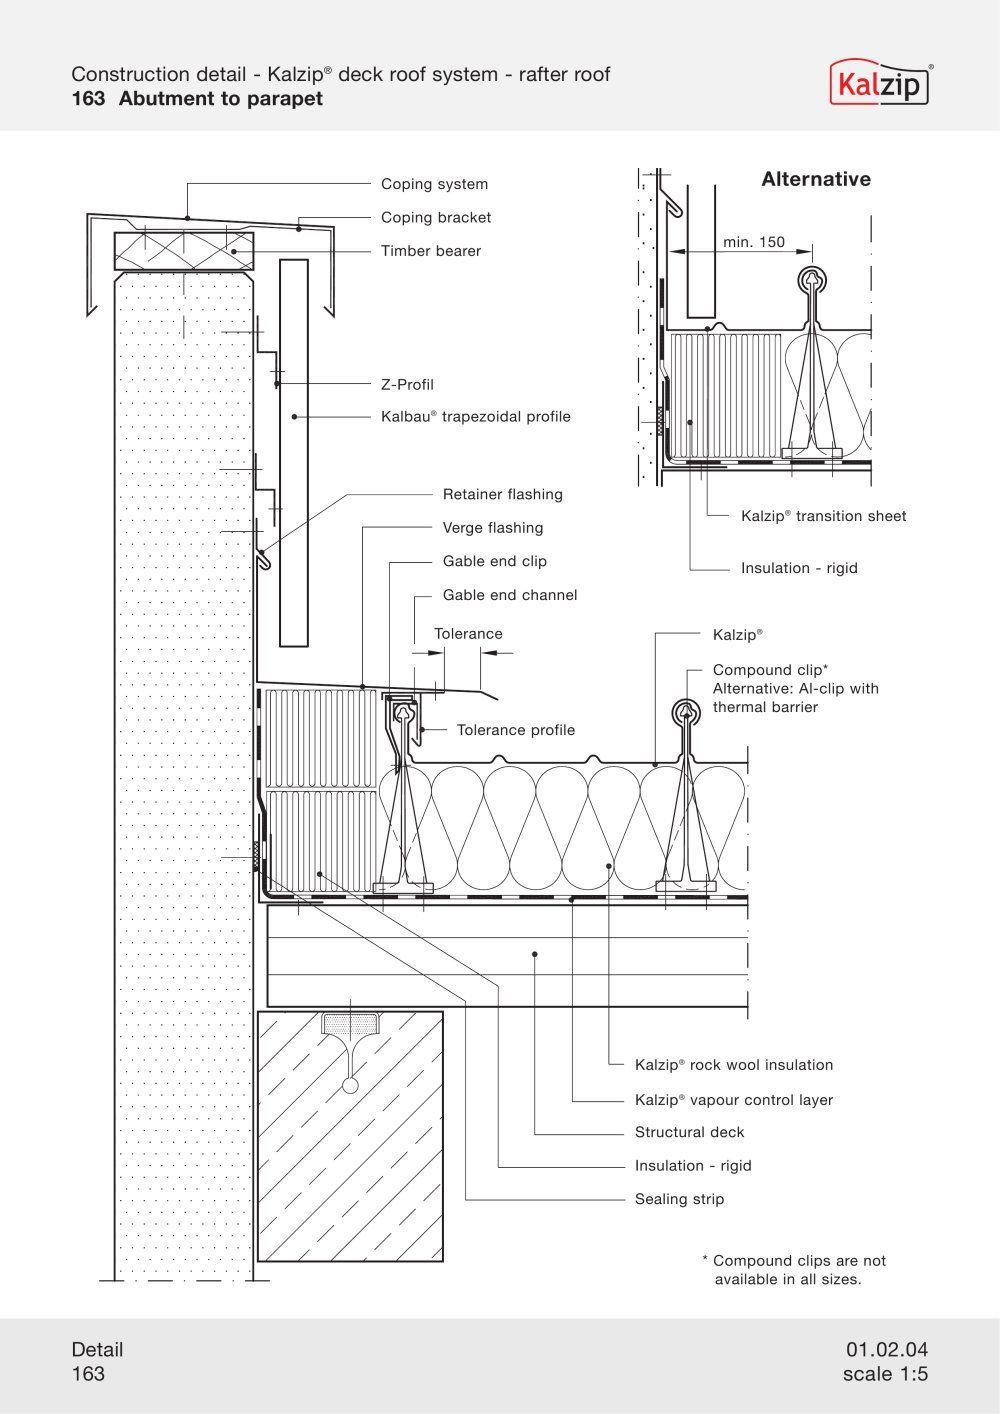 Kalzip Construction Details Archiexpo Construction Architecture Details Roof Construction